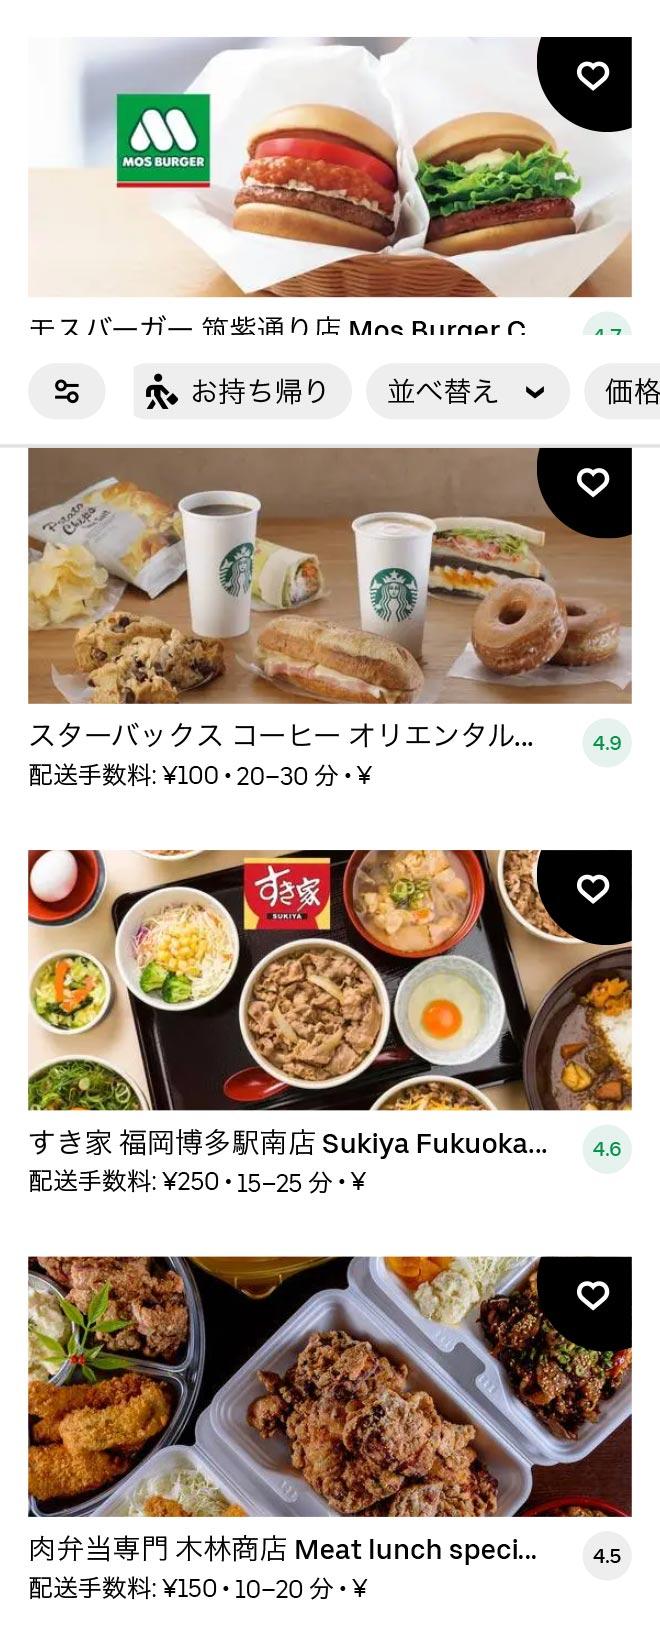 Higashi hie menu 2101 02